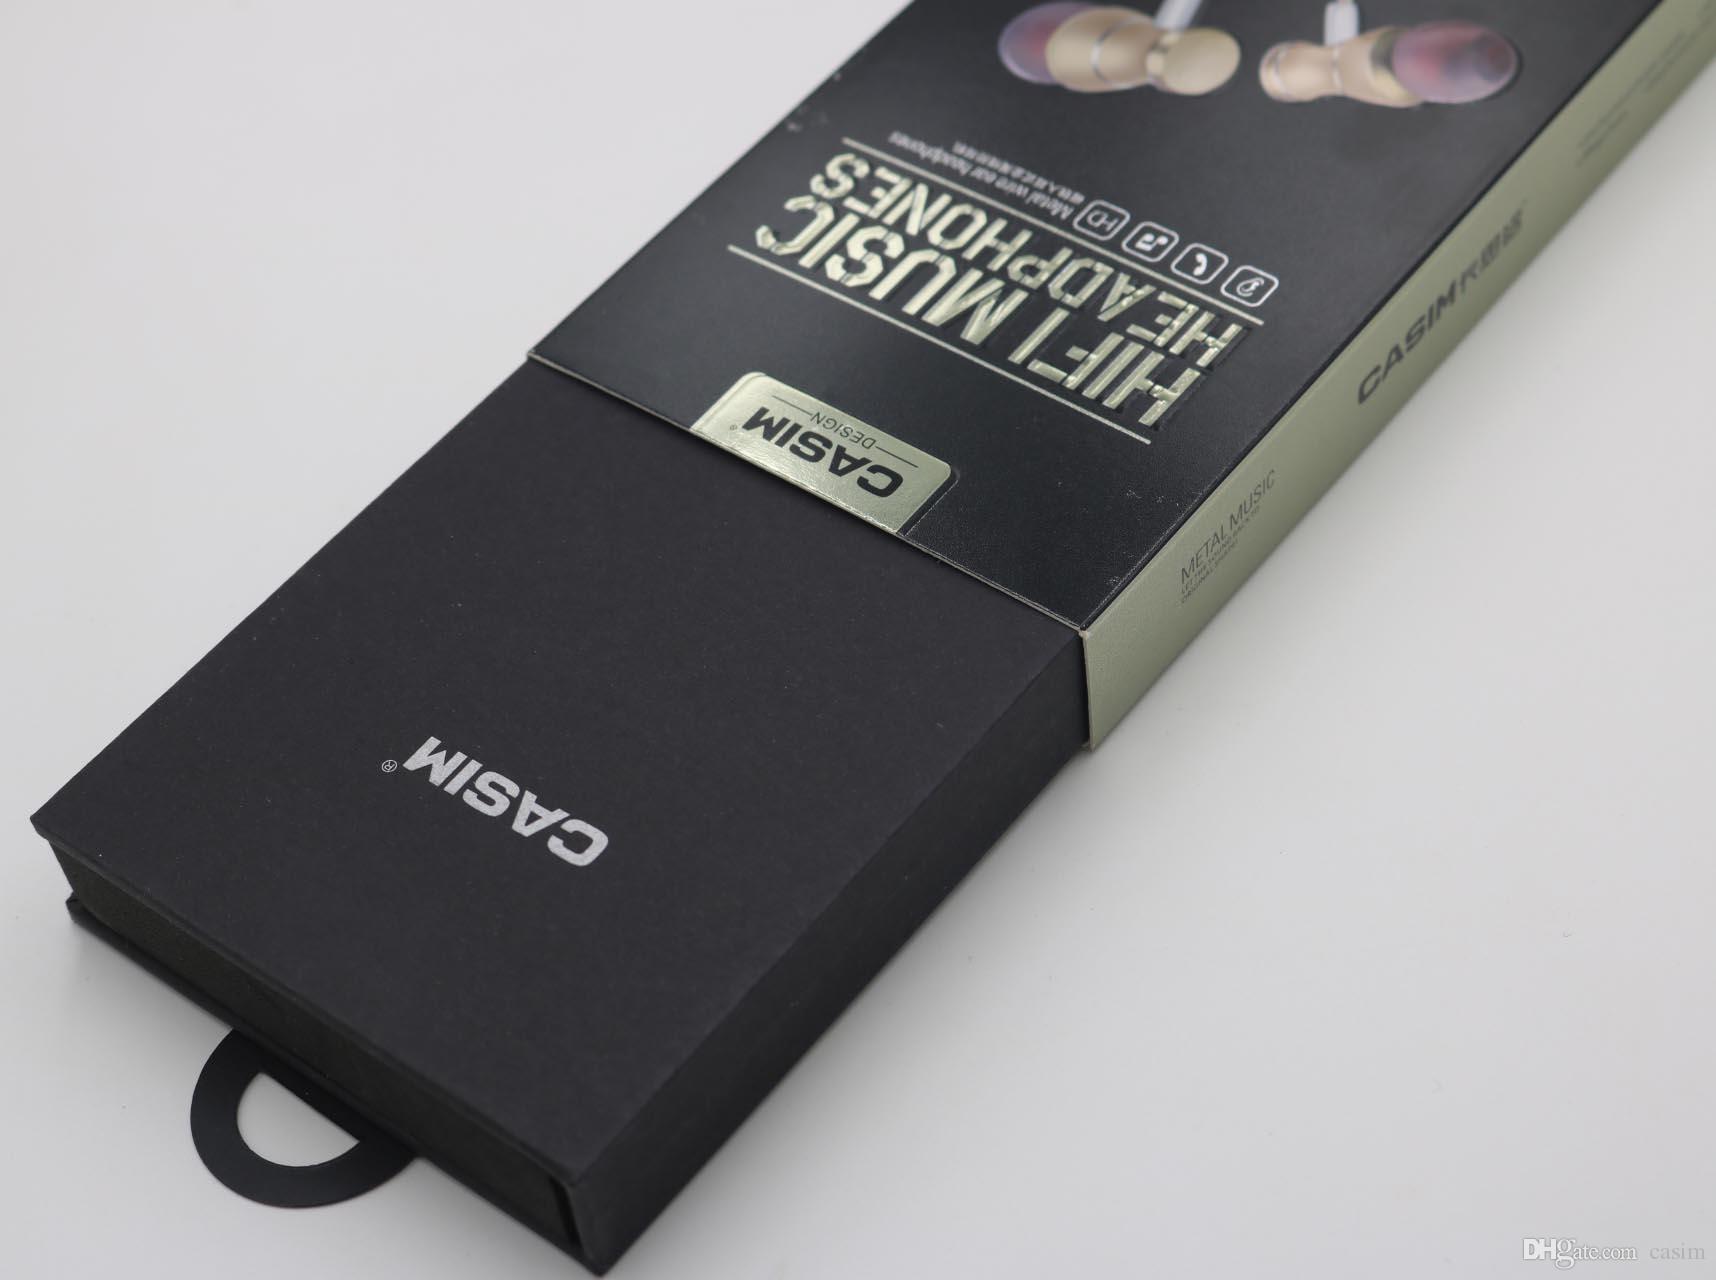 Yeni Casim Kulak Metal Kulaklık Kulaklık In-line Kontrolü Manyetik Netlik Stereo Ses ile Mic Kulaklık İçin Samsung iPhone Cep Telefonu